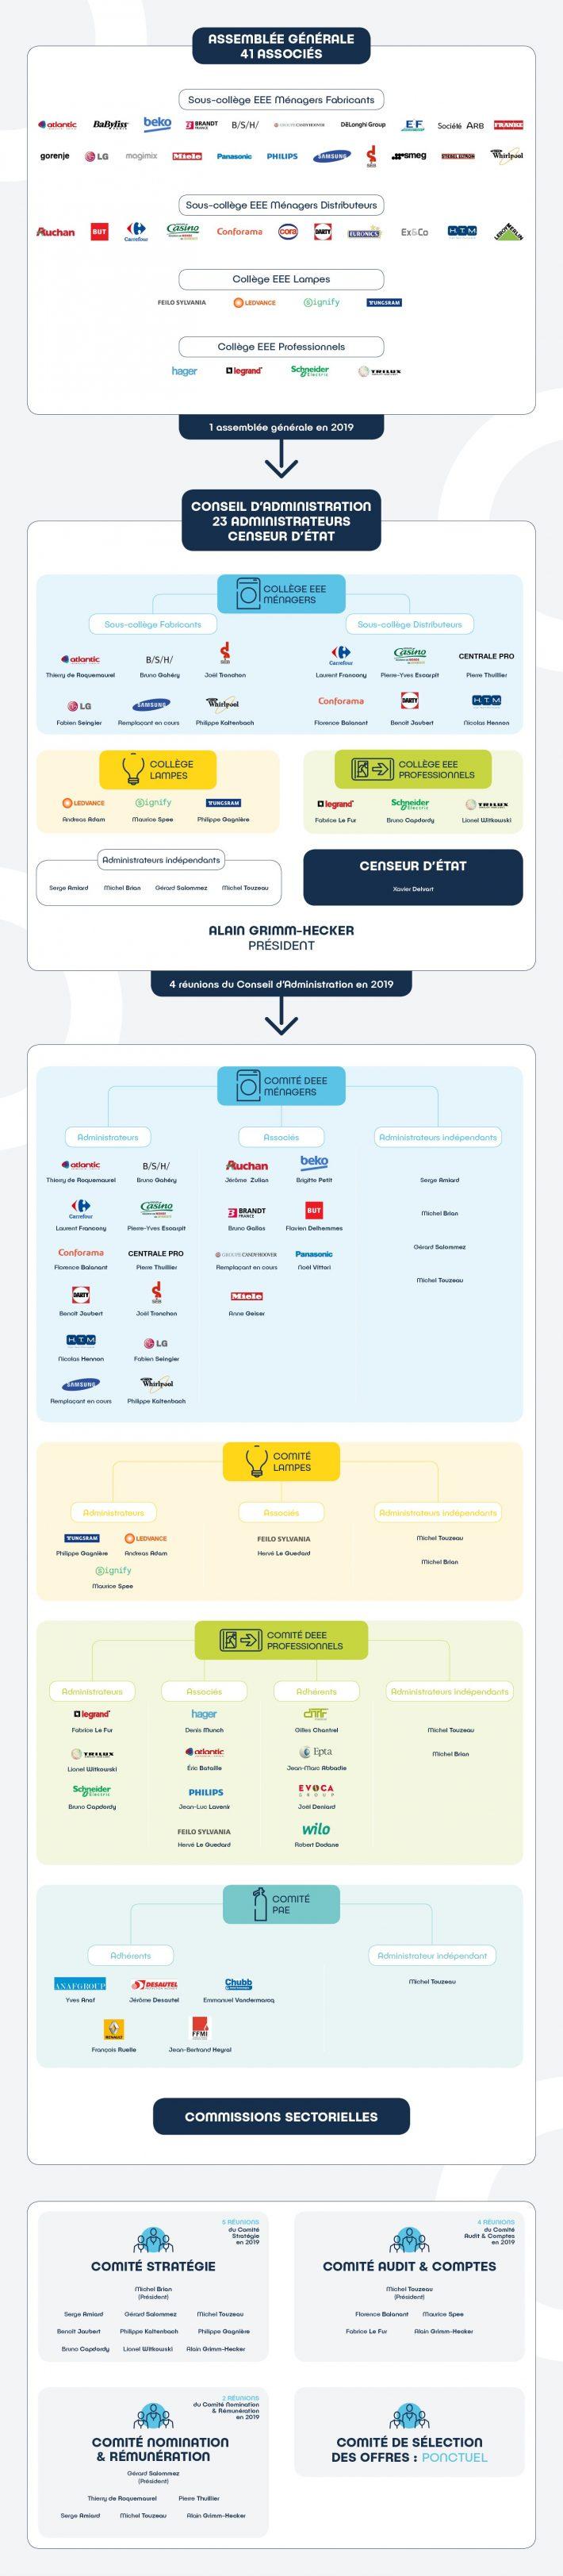 Infographie_gouvernance_RA2019